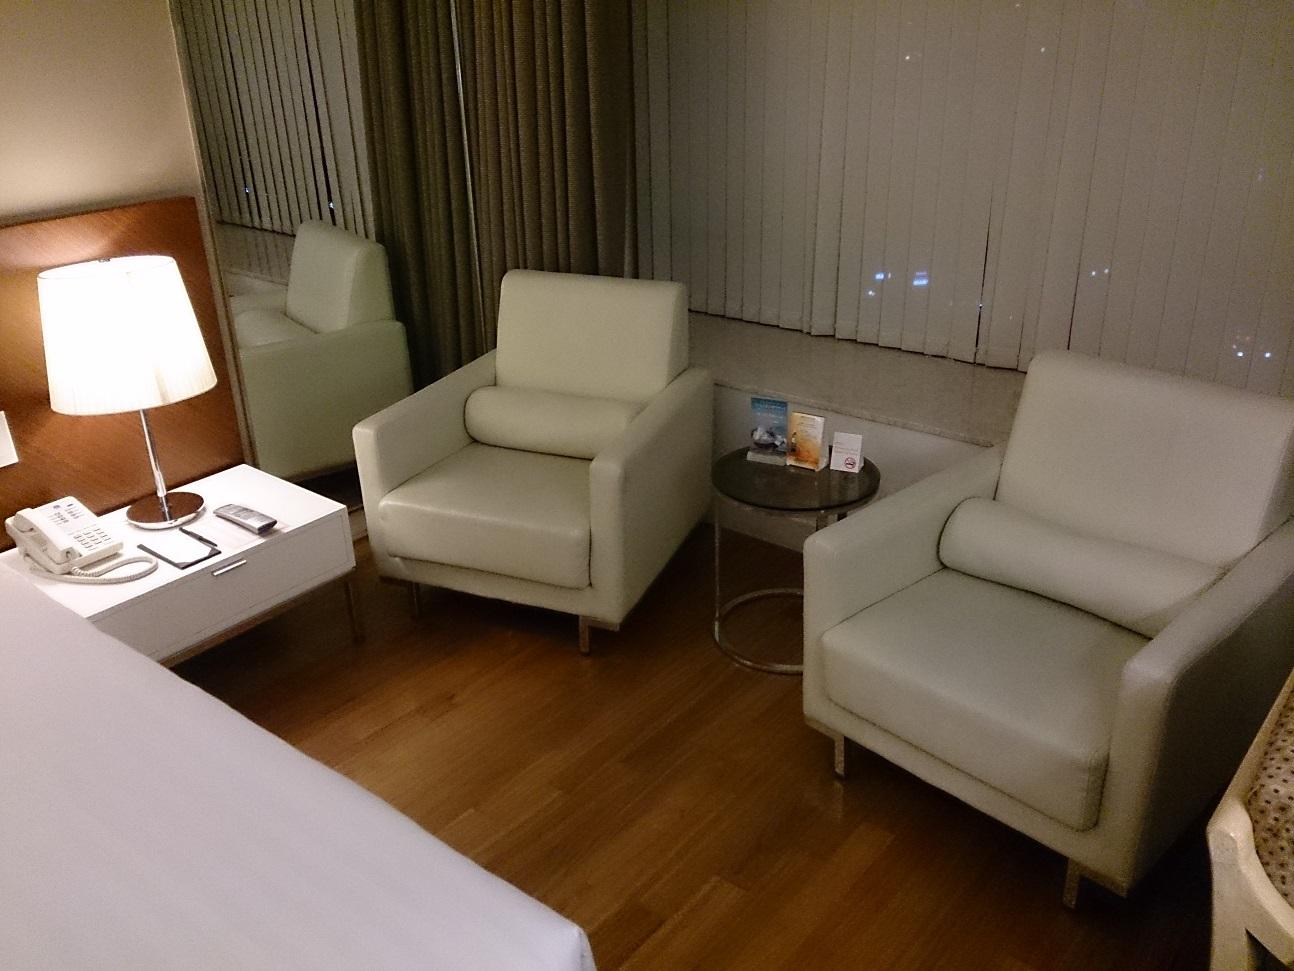 ソウルのホテル情報 国都ホテル(BEST WESTERN PREMIER HOTEL KUKDO)_b0060363_2357578.jpg